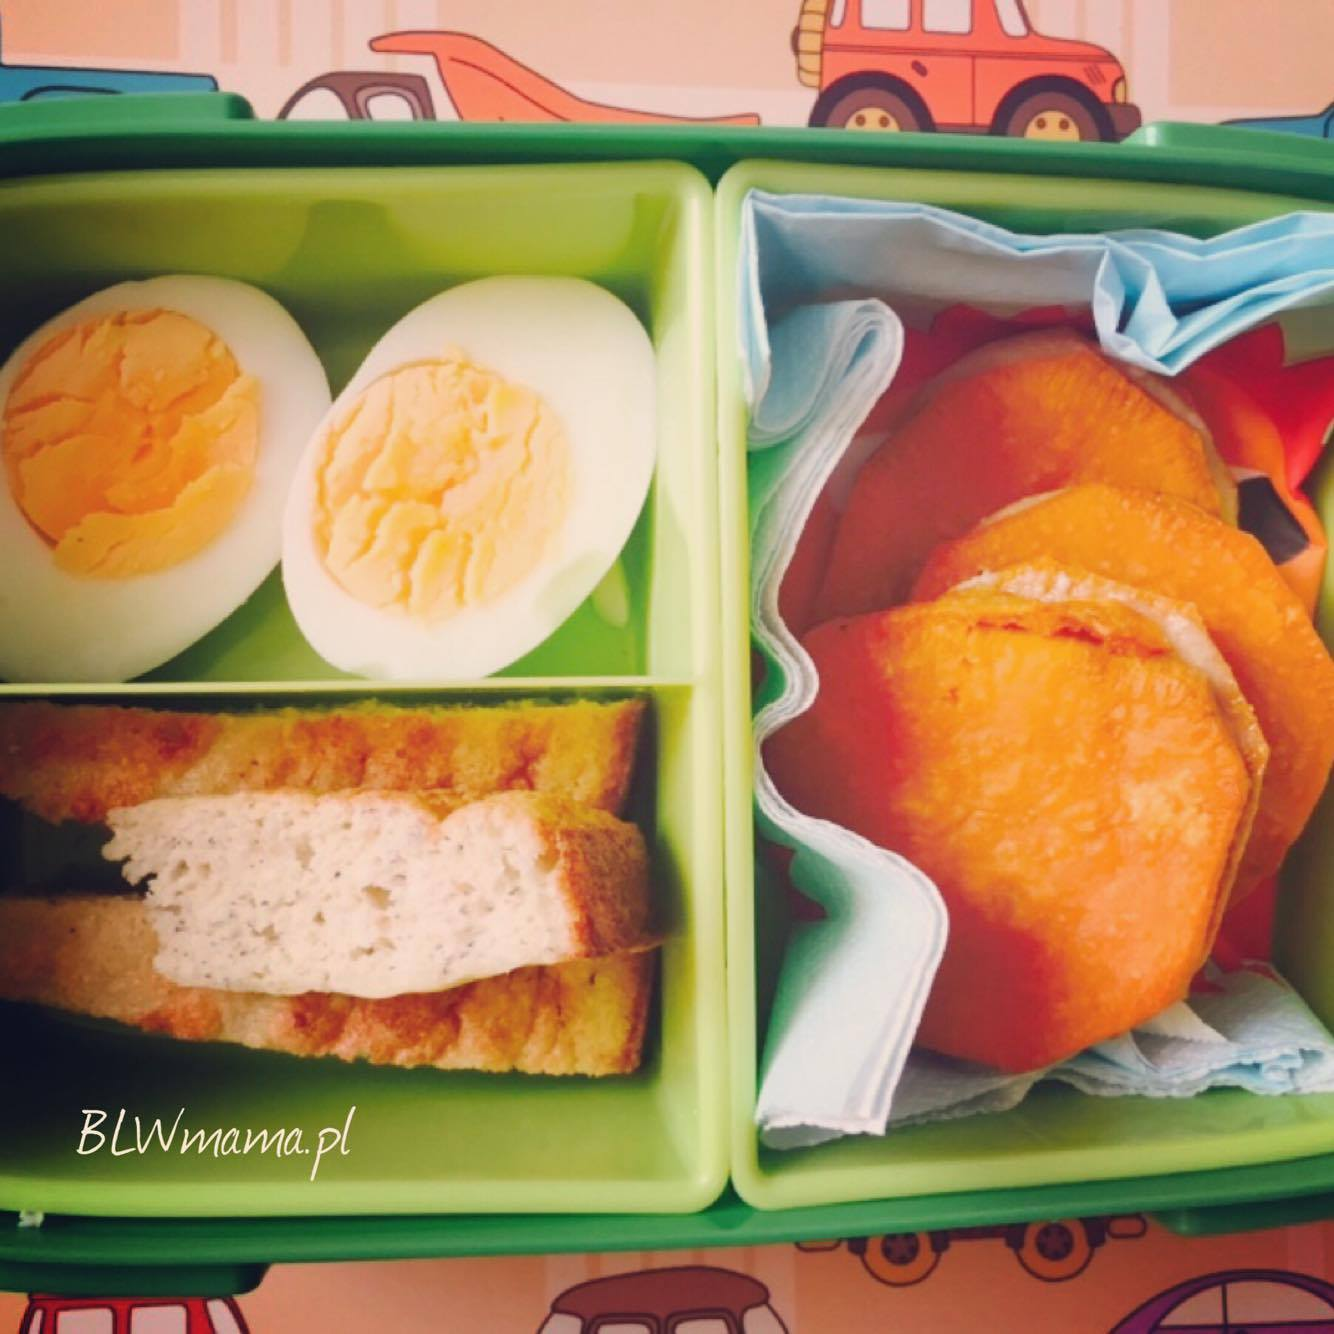 BLWbox bez chleba czyli co zamiast kanapek?